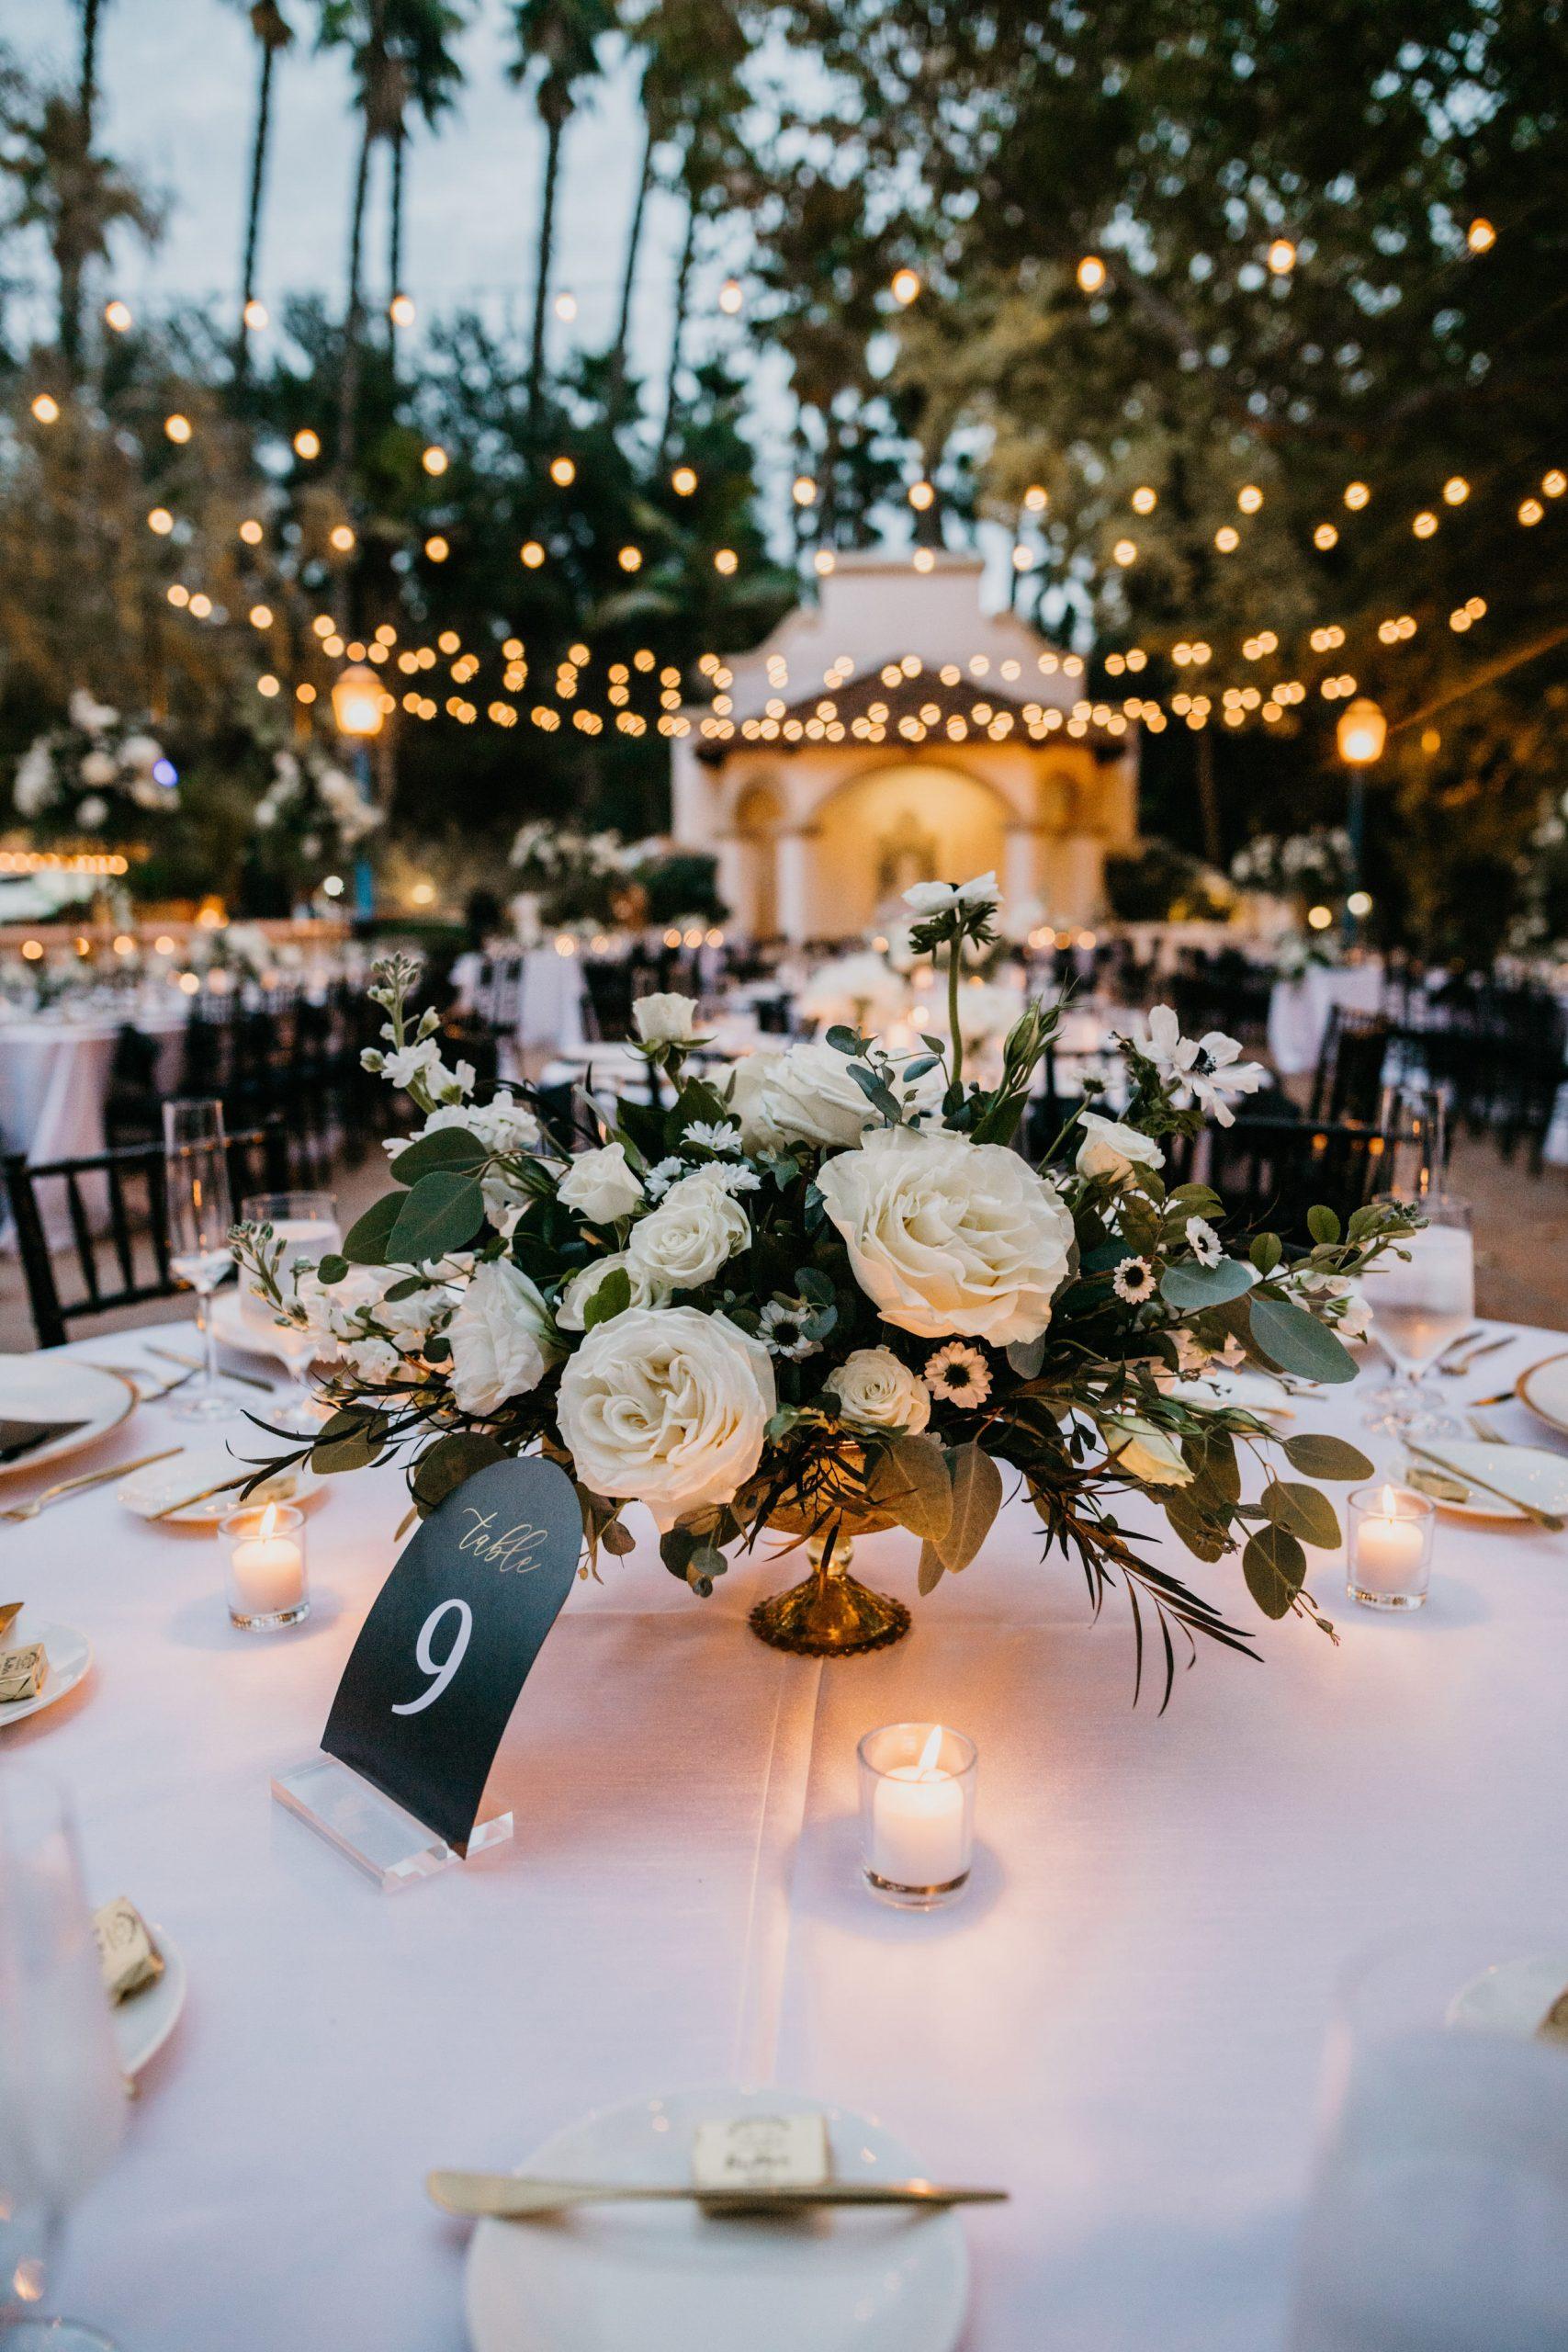 Rancho Las Lomas Wedding Reception Details, image by Fatima Elreda Photo